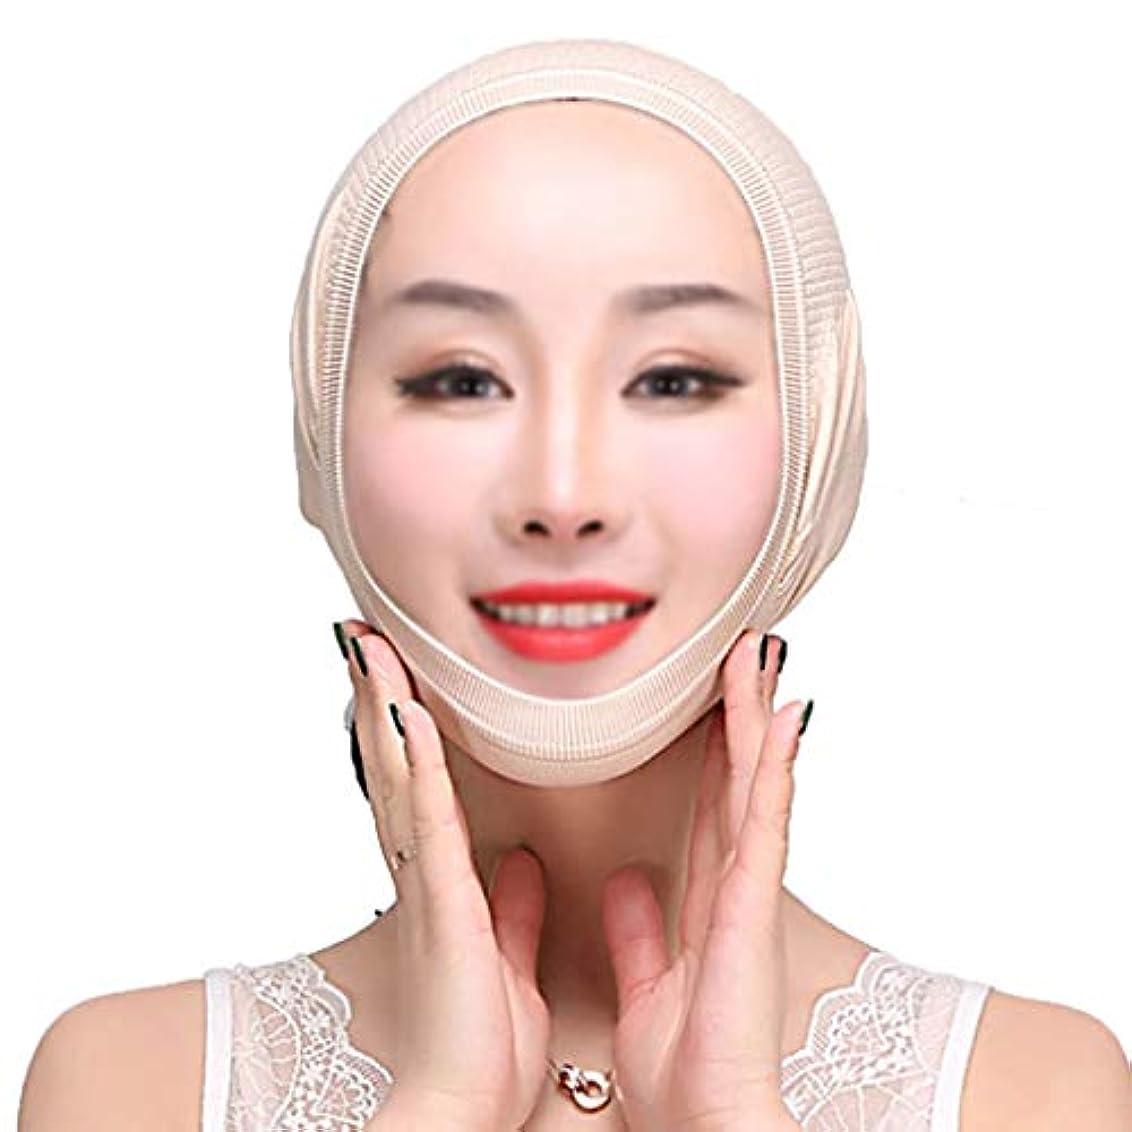 不名誉な飢え累計GLJJQMY 減量ベルトマスクフェイスリフティングフェイスリフティング包帯ダブルチンスモールVフェイススリーピングマスクリフティング引き締め通気性フェイシャルマッサージ3フェイス包帯 顔用整形マスク